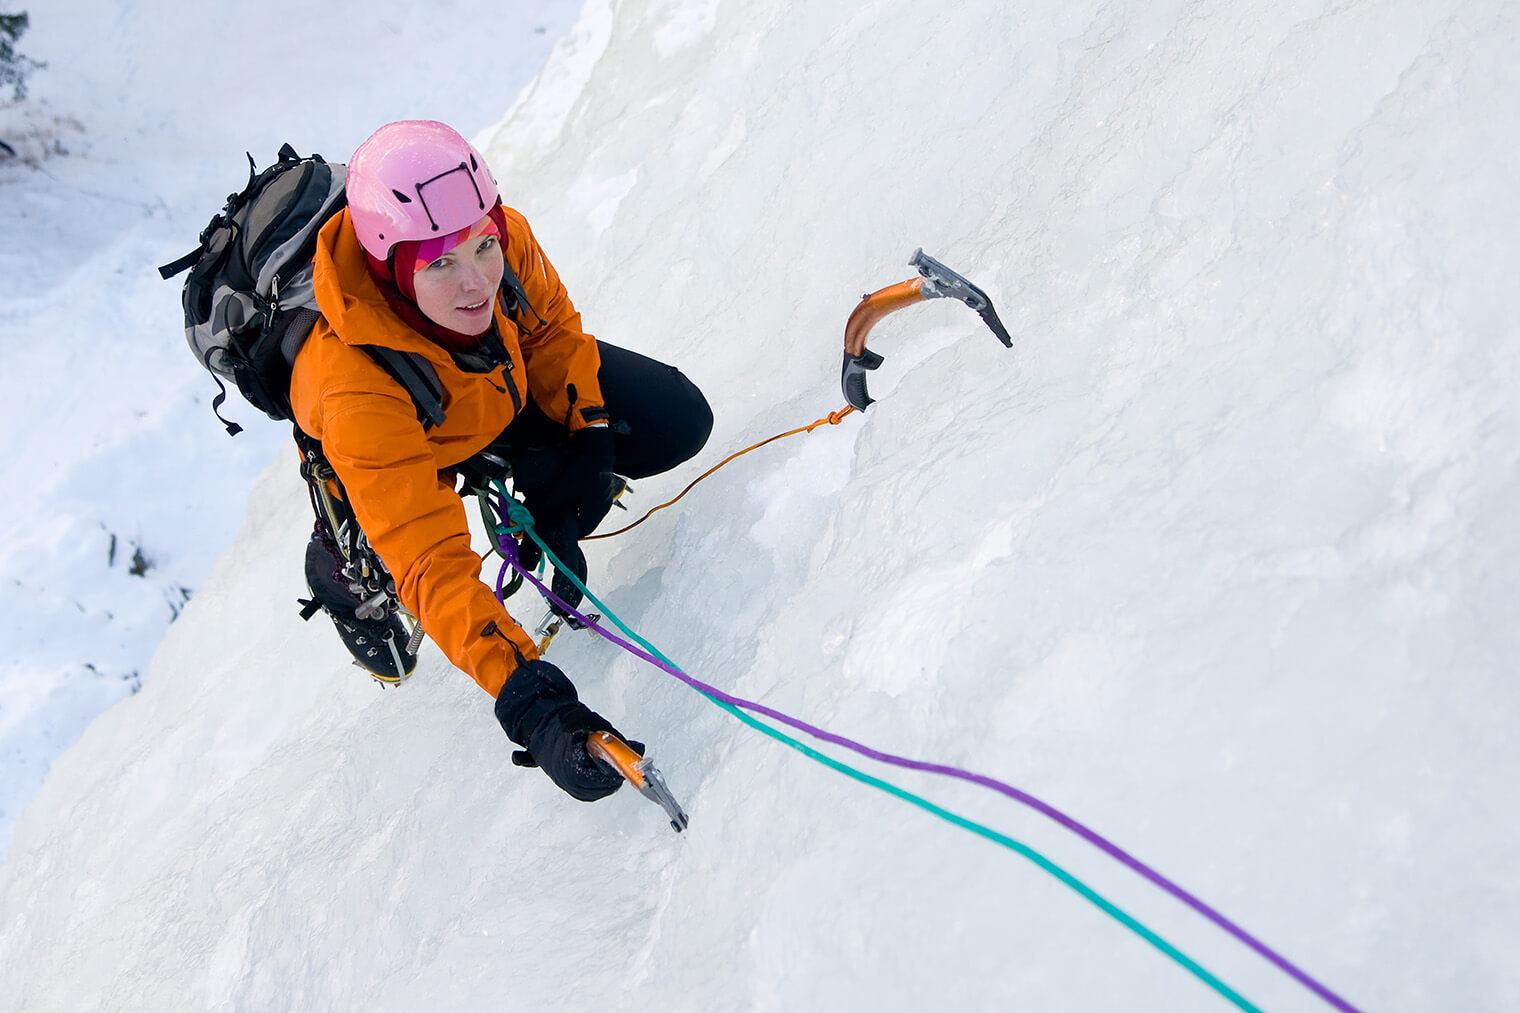 来年の冬も楽しもう!アイスクライミング道具をしっかりケアする方法